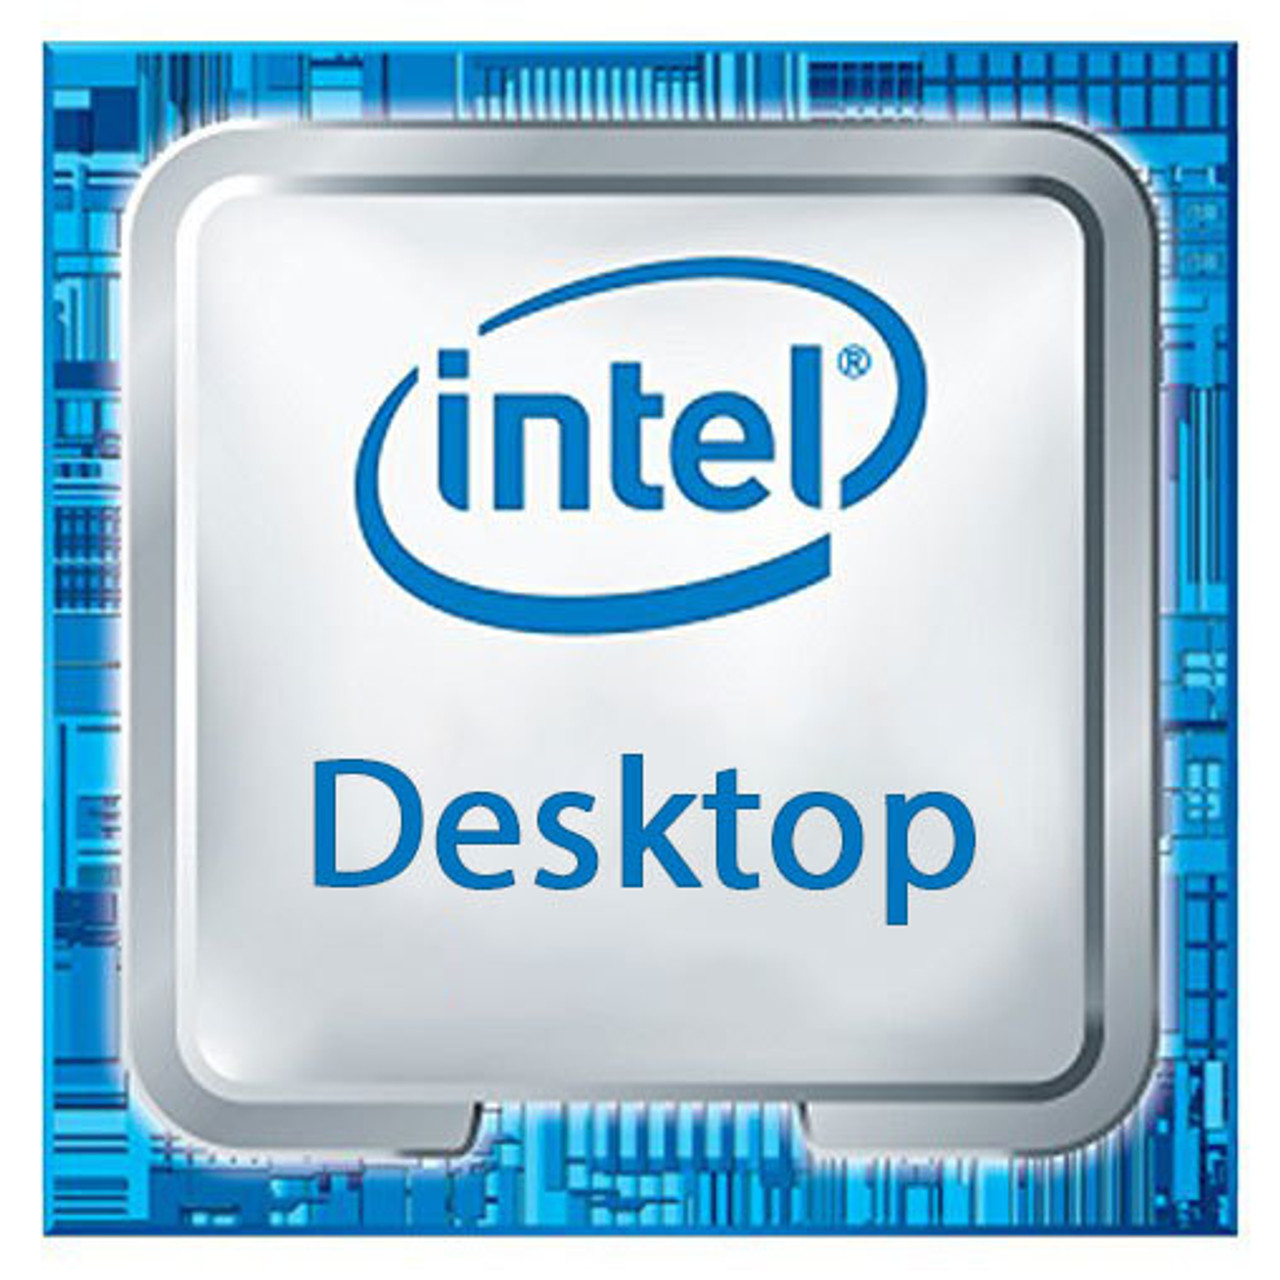 Intel Desktop CPU